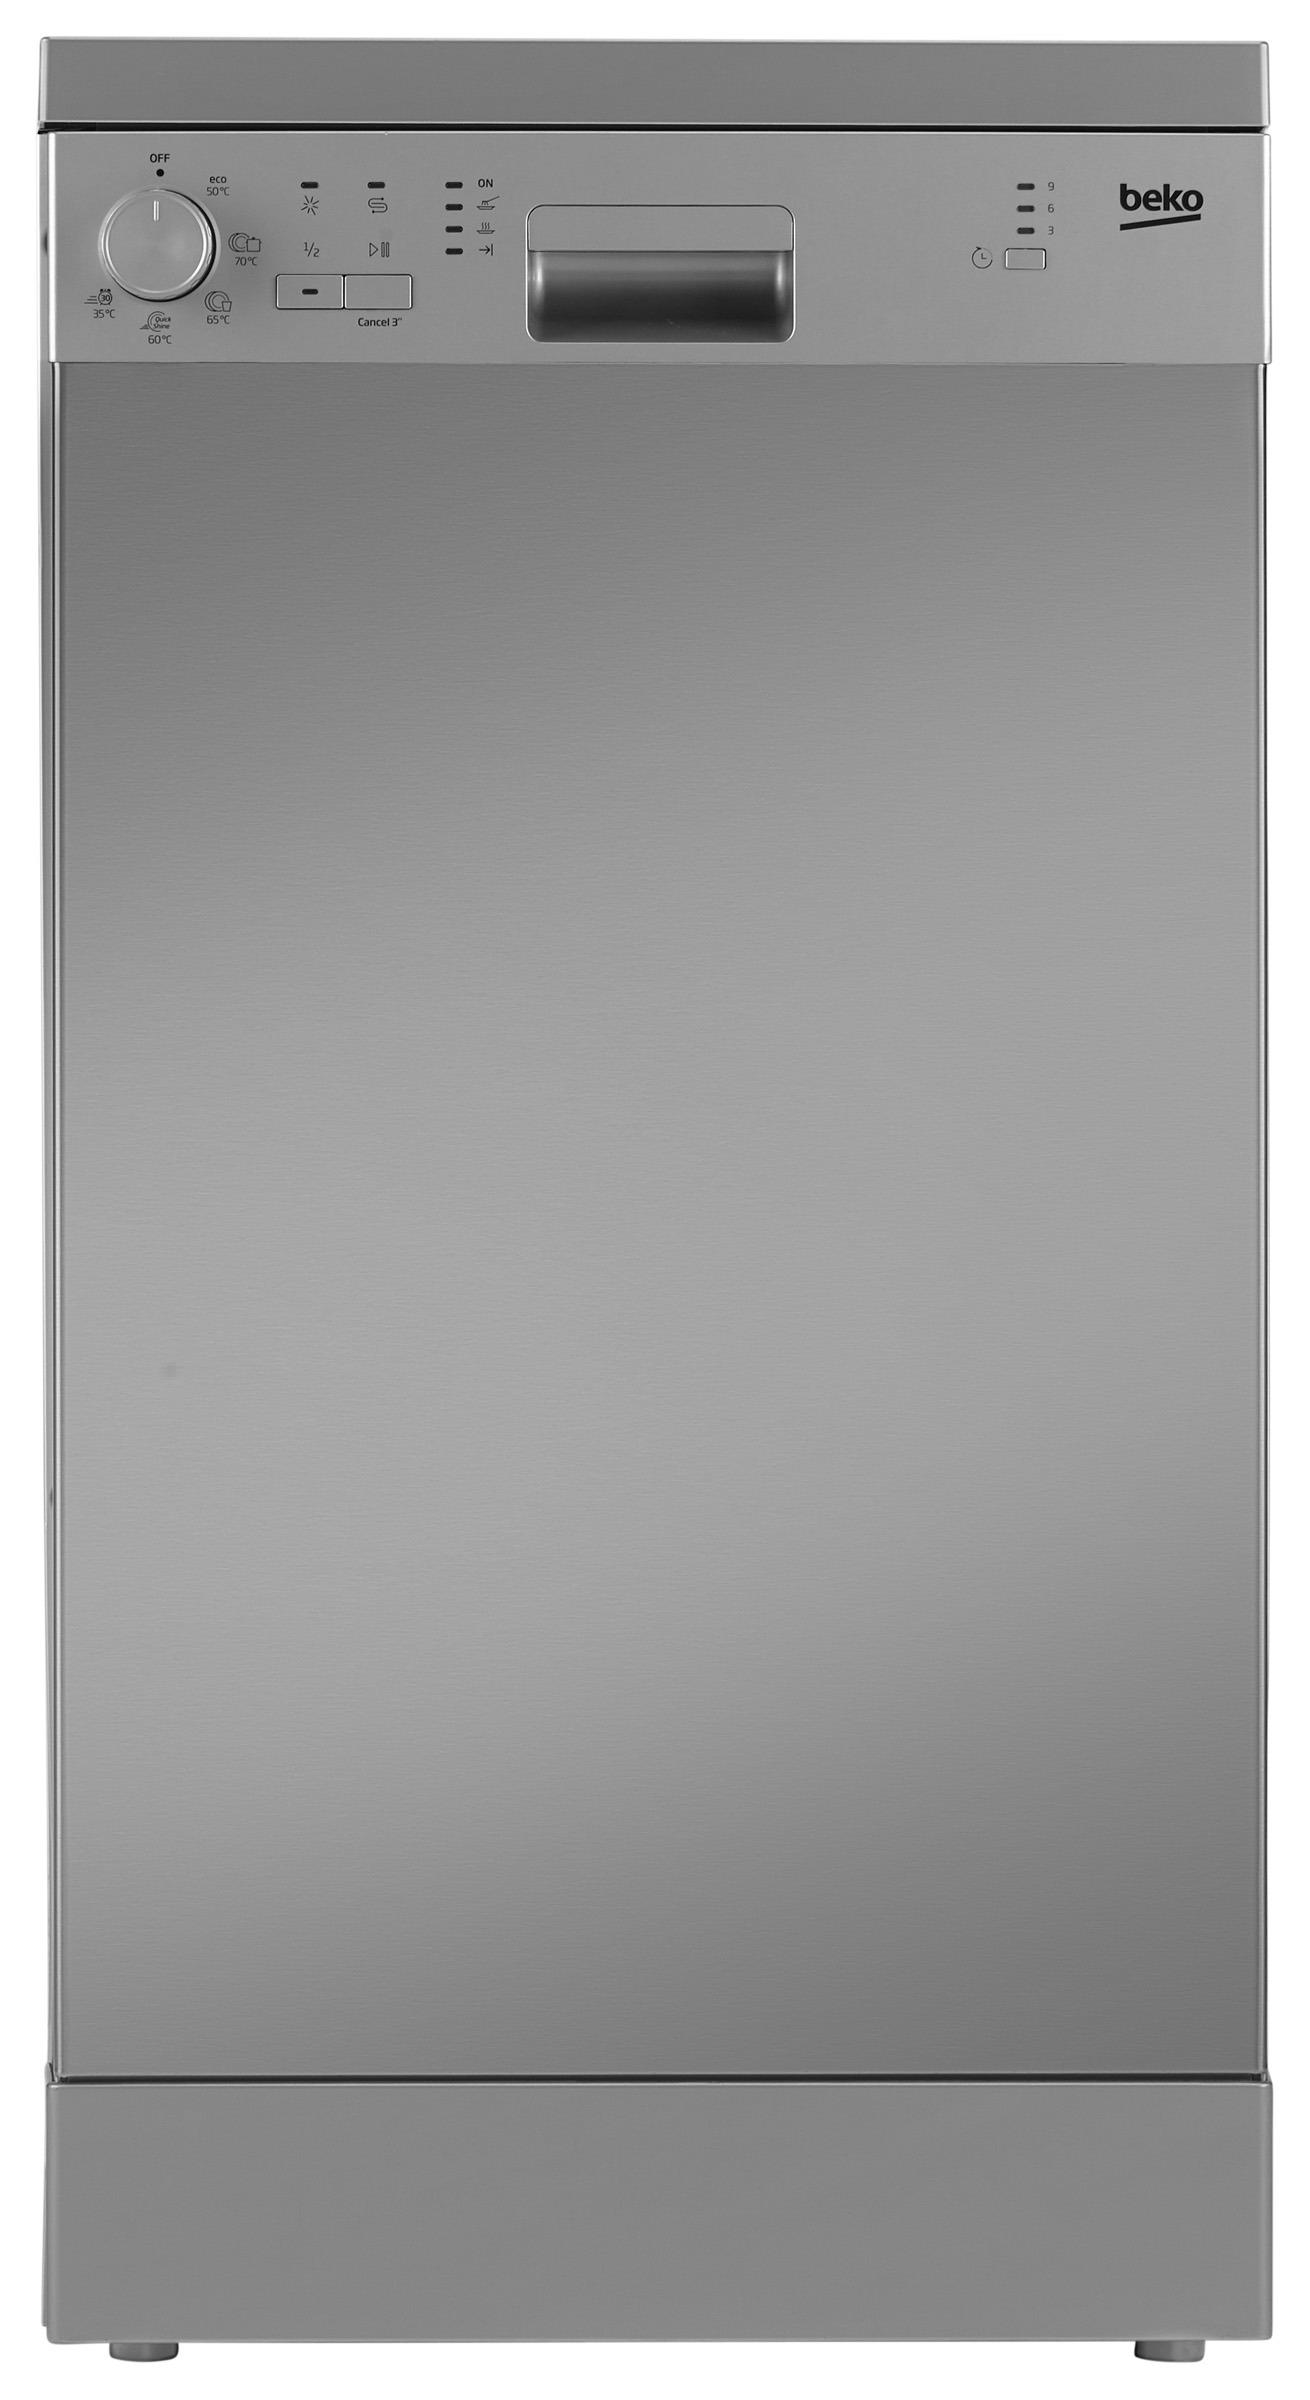 Beko vrijstaande vaatwasser DFS05013X grijs